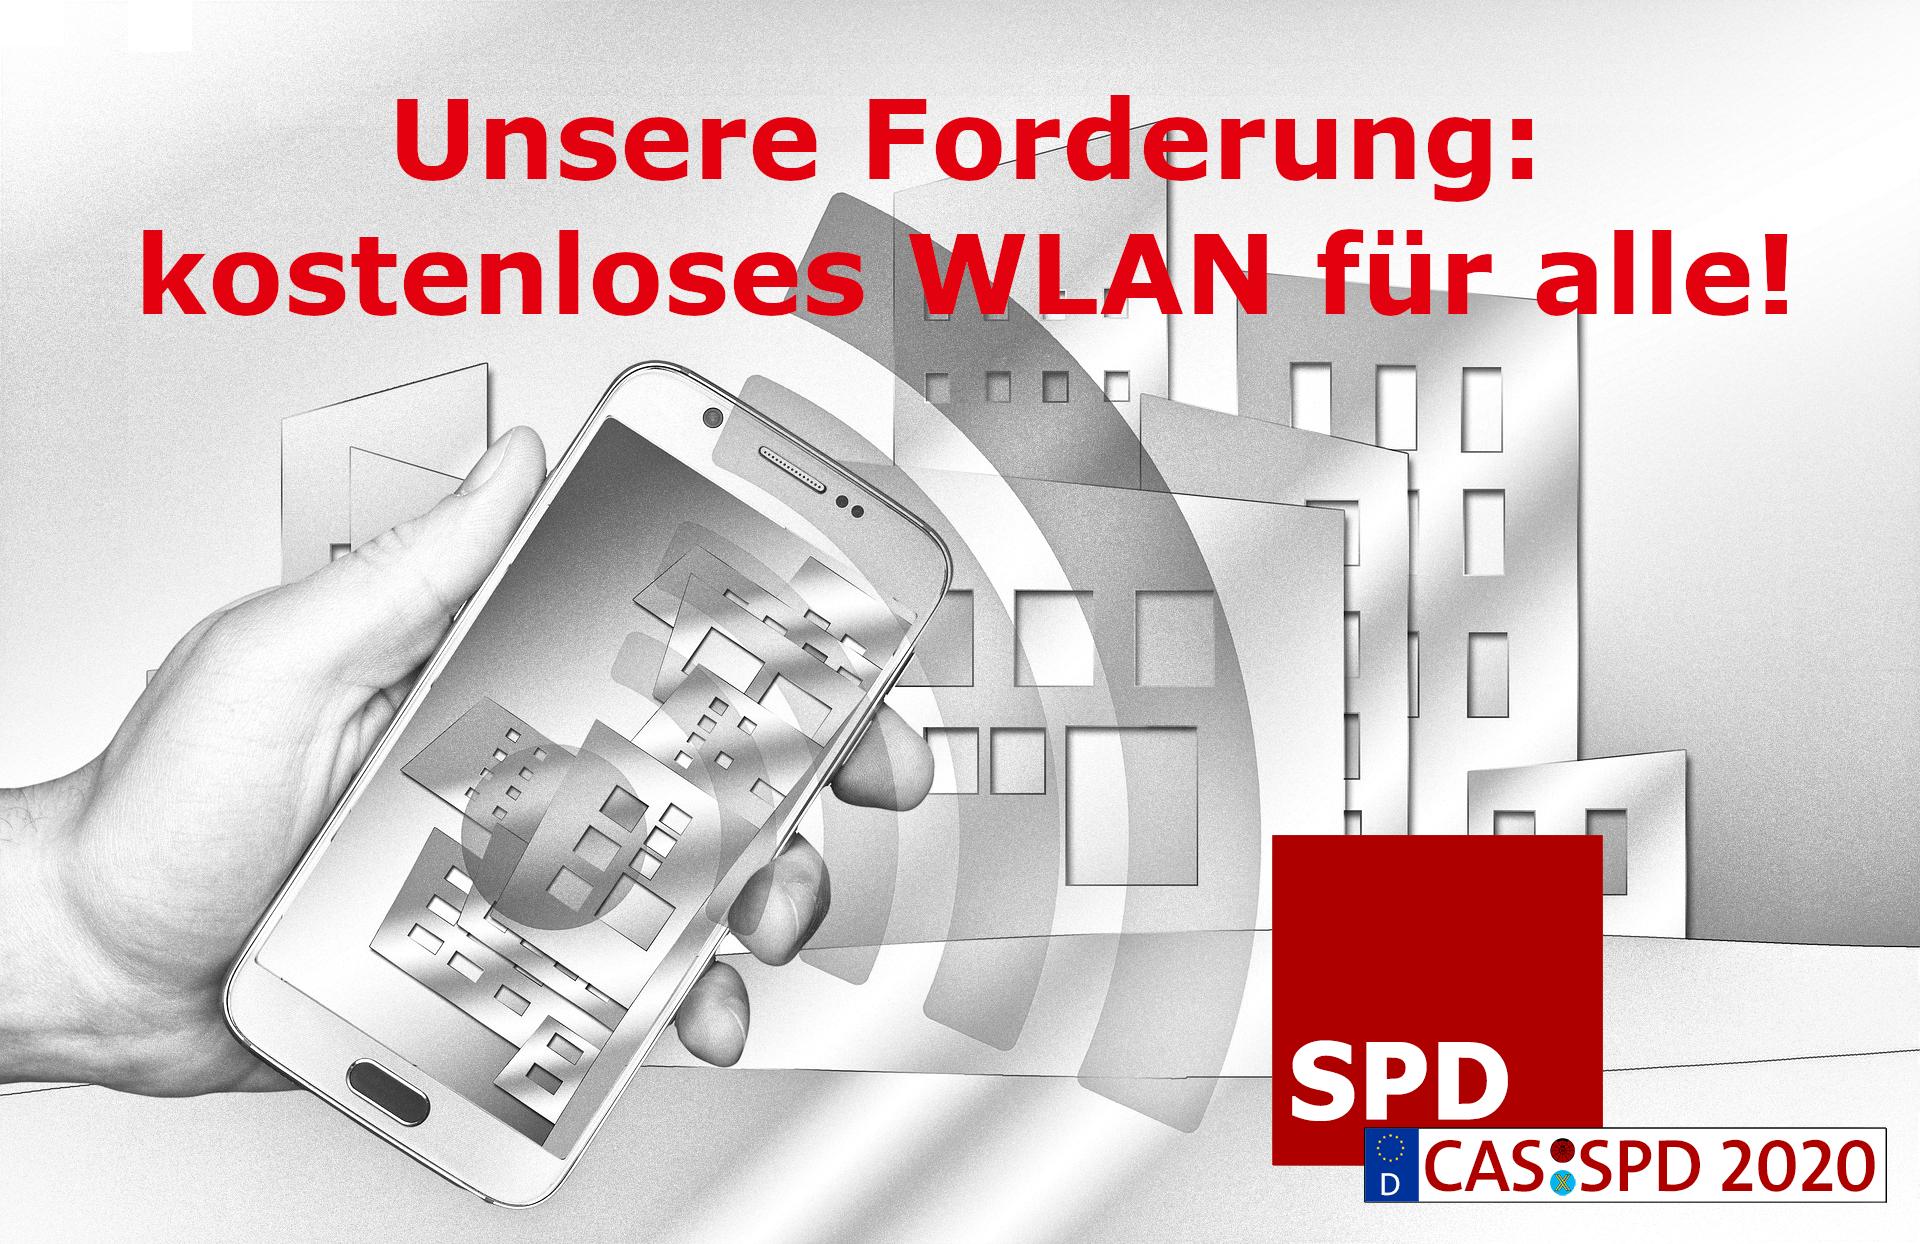 SPD fordert kostenloses WLAN für alle